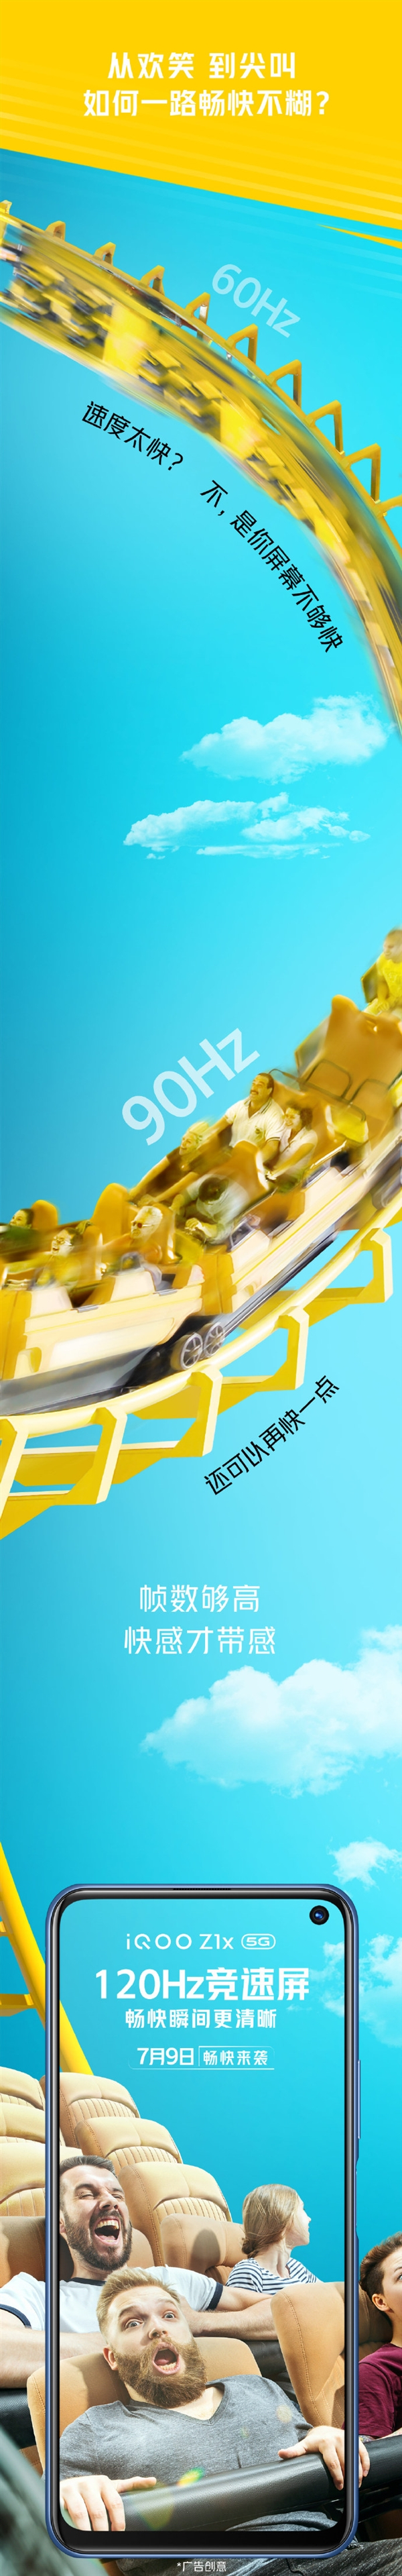 iQOO Z1x宣布:120Hz竞速屏添持 7月9日登场